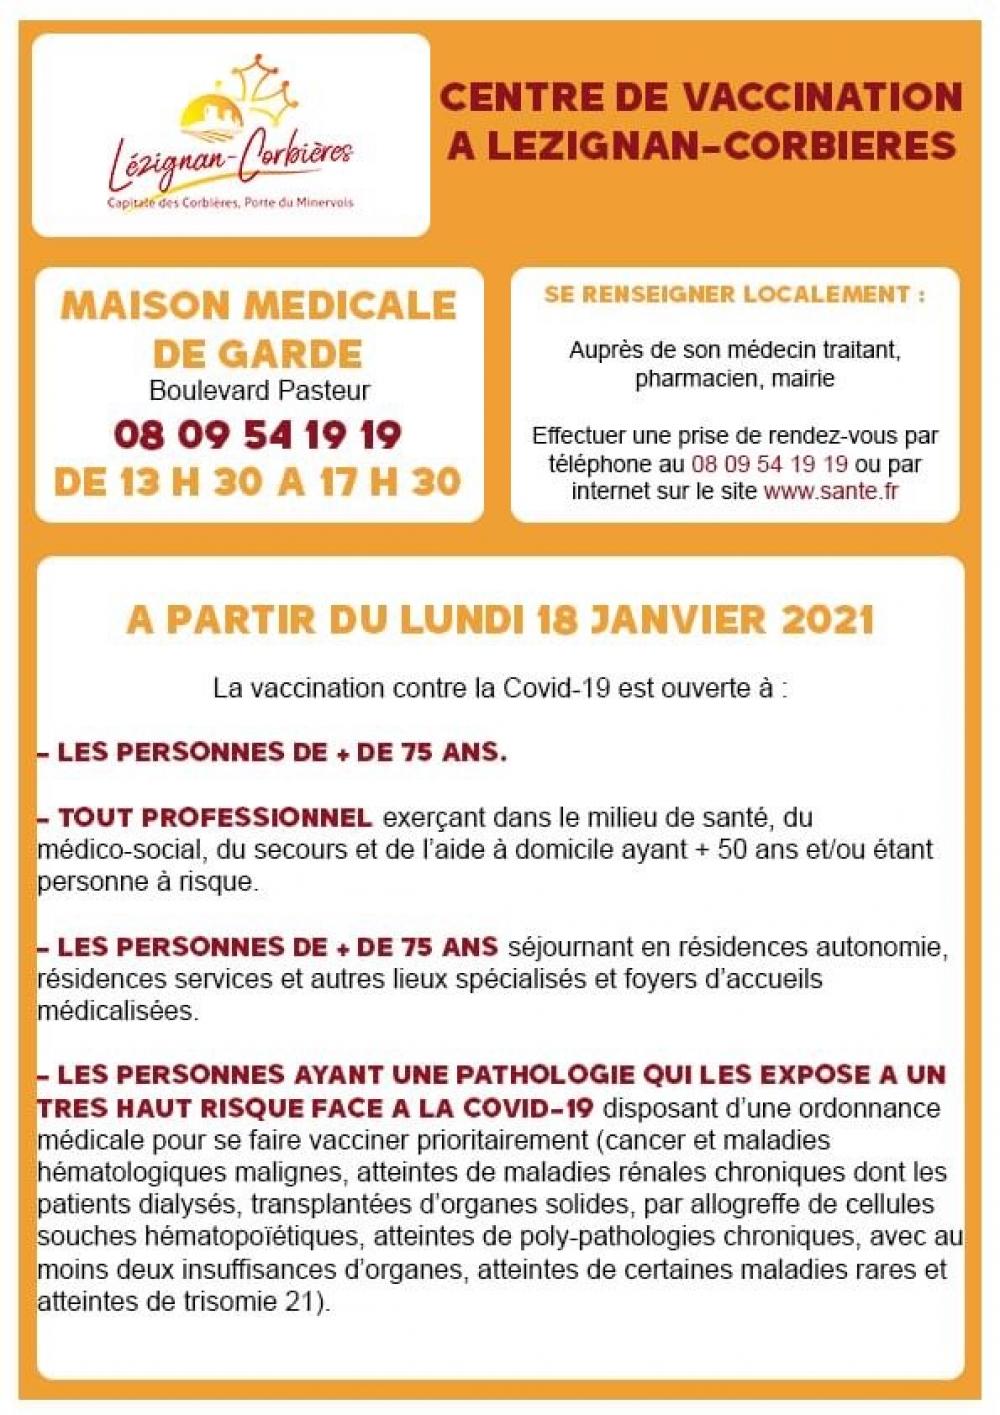 Centre de vaccination COVID-19 LEZIGNAN-CRBS